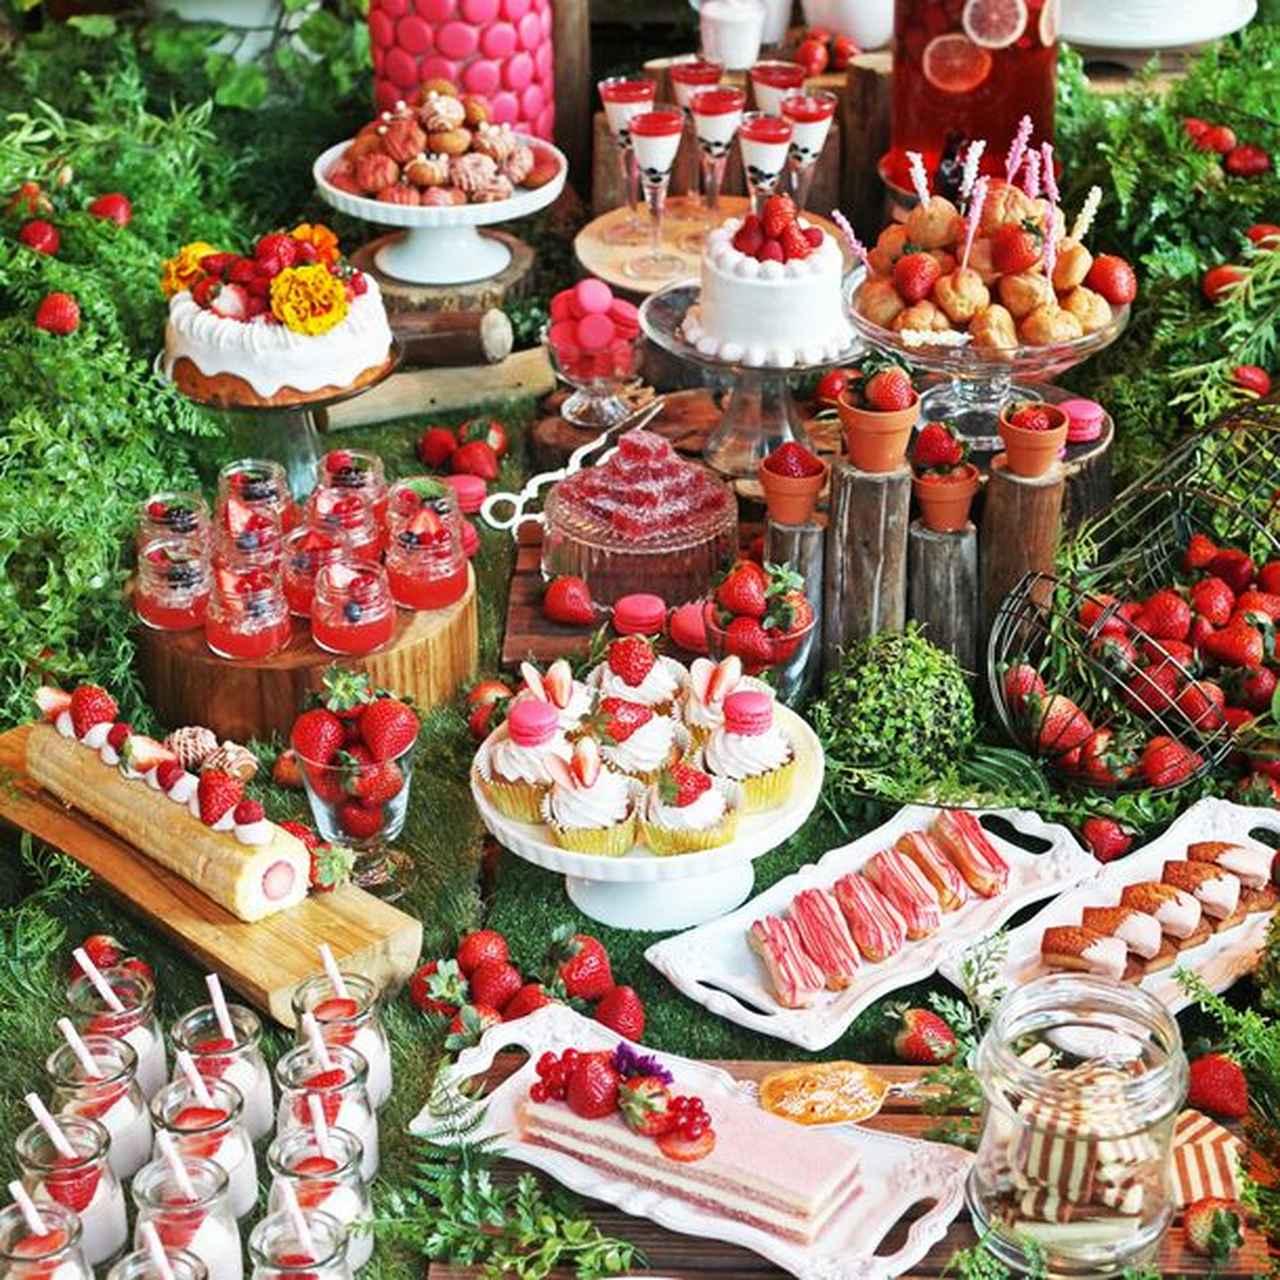 画像: 旬の苺を日替わり約20種類のデザートで楽しむ 「2019 ストロベリーブッフェ」